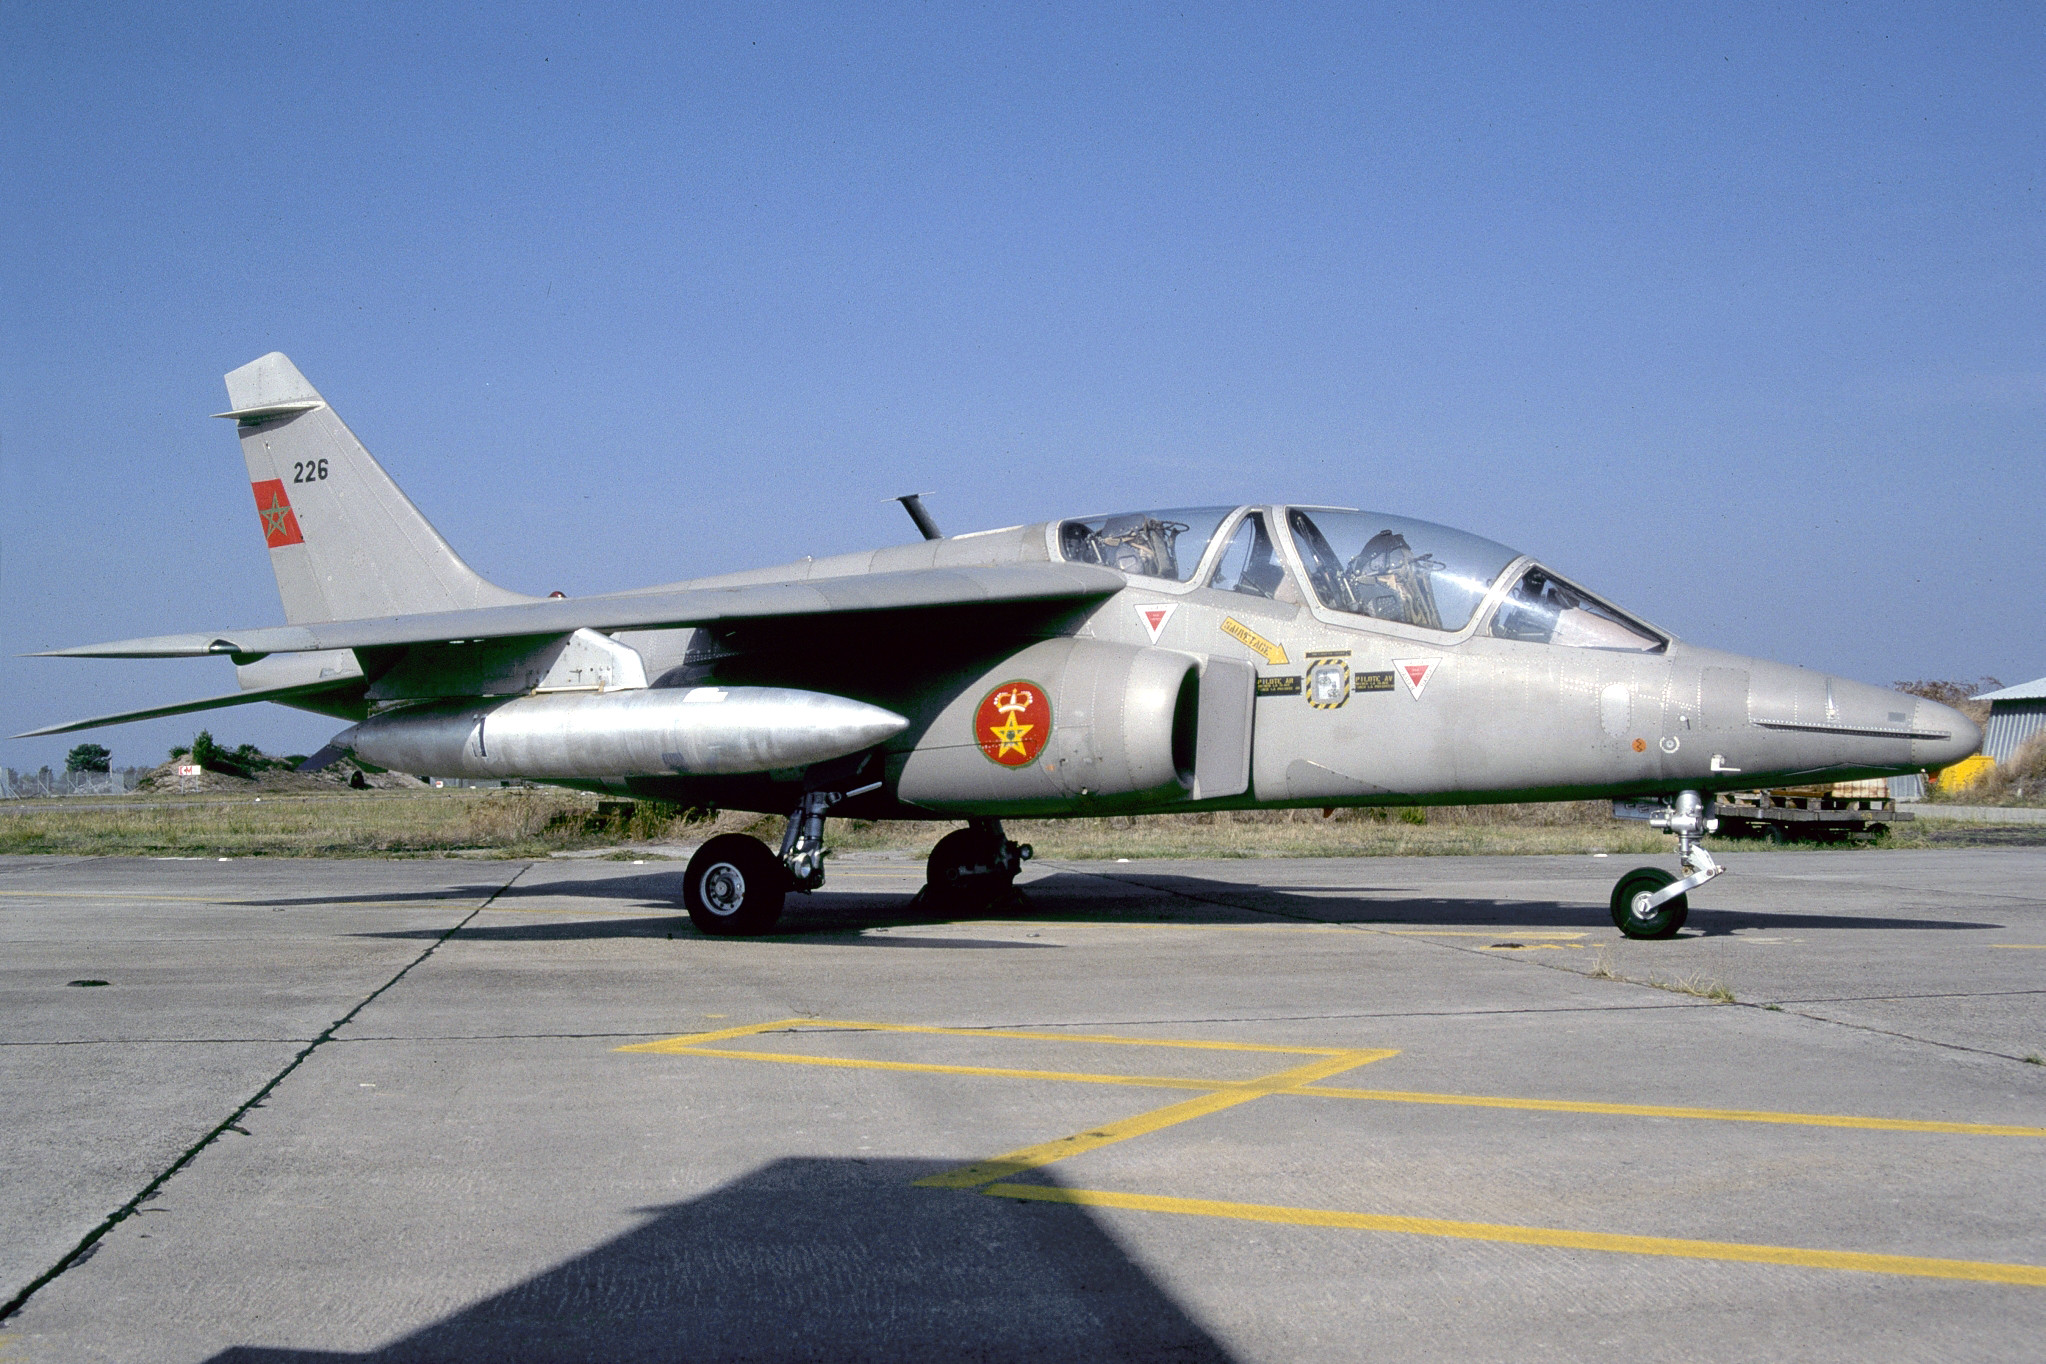 FRA: Photos avions d'entrainement et anti insurrection - Page 9 48921136148_56ac6b5279_k